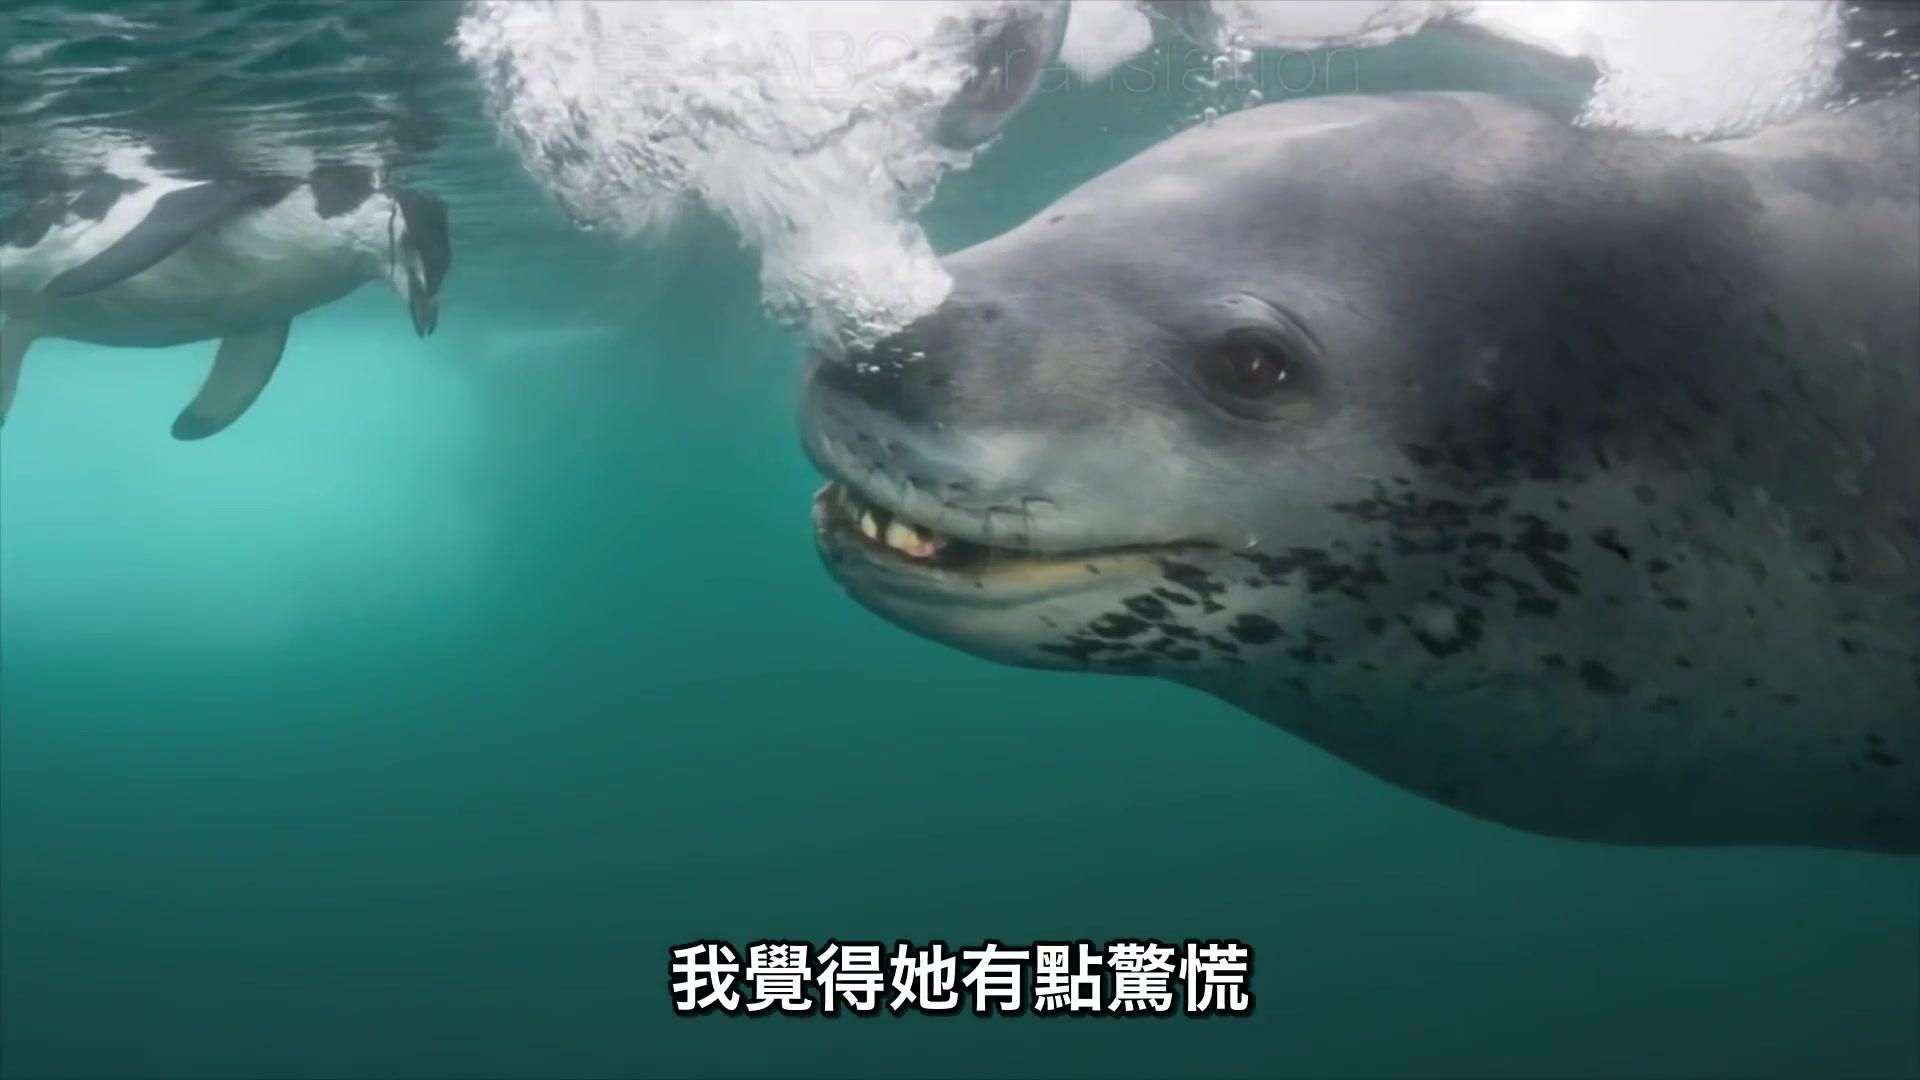 妈妈的大肚子视频_海豹怕摄影师会饿死,结果不断捉企鹅给他吃(中文字幕)_哔哩 ...